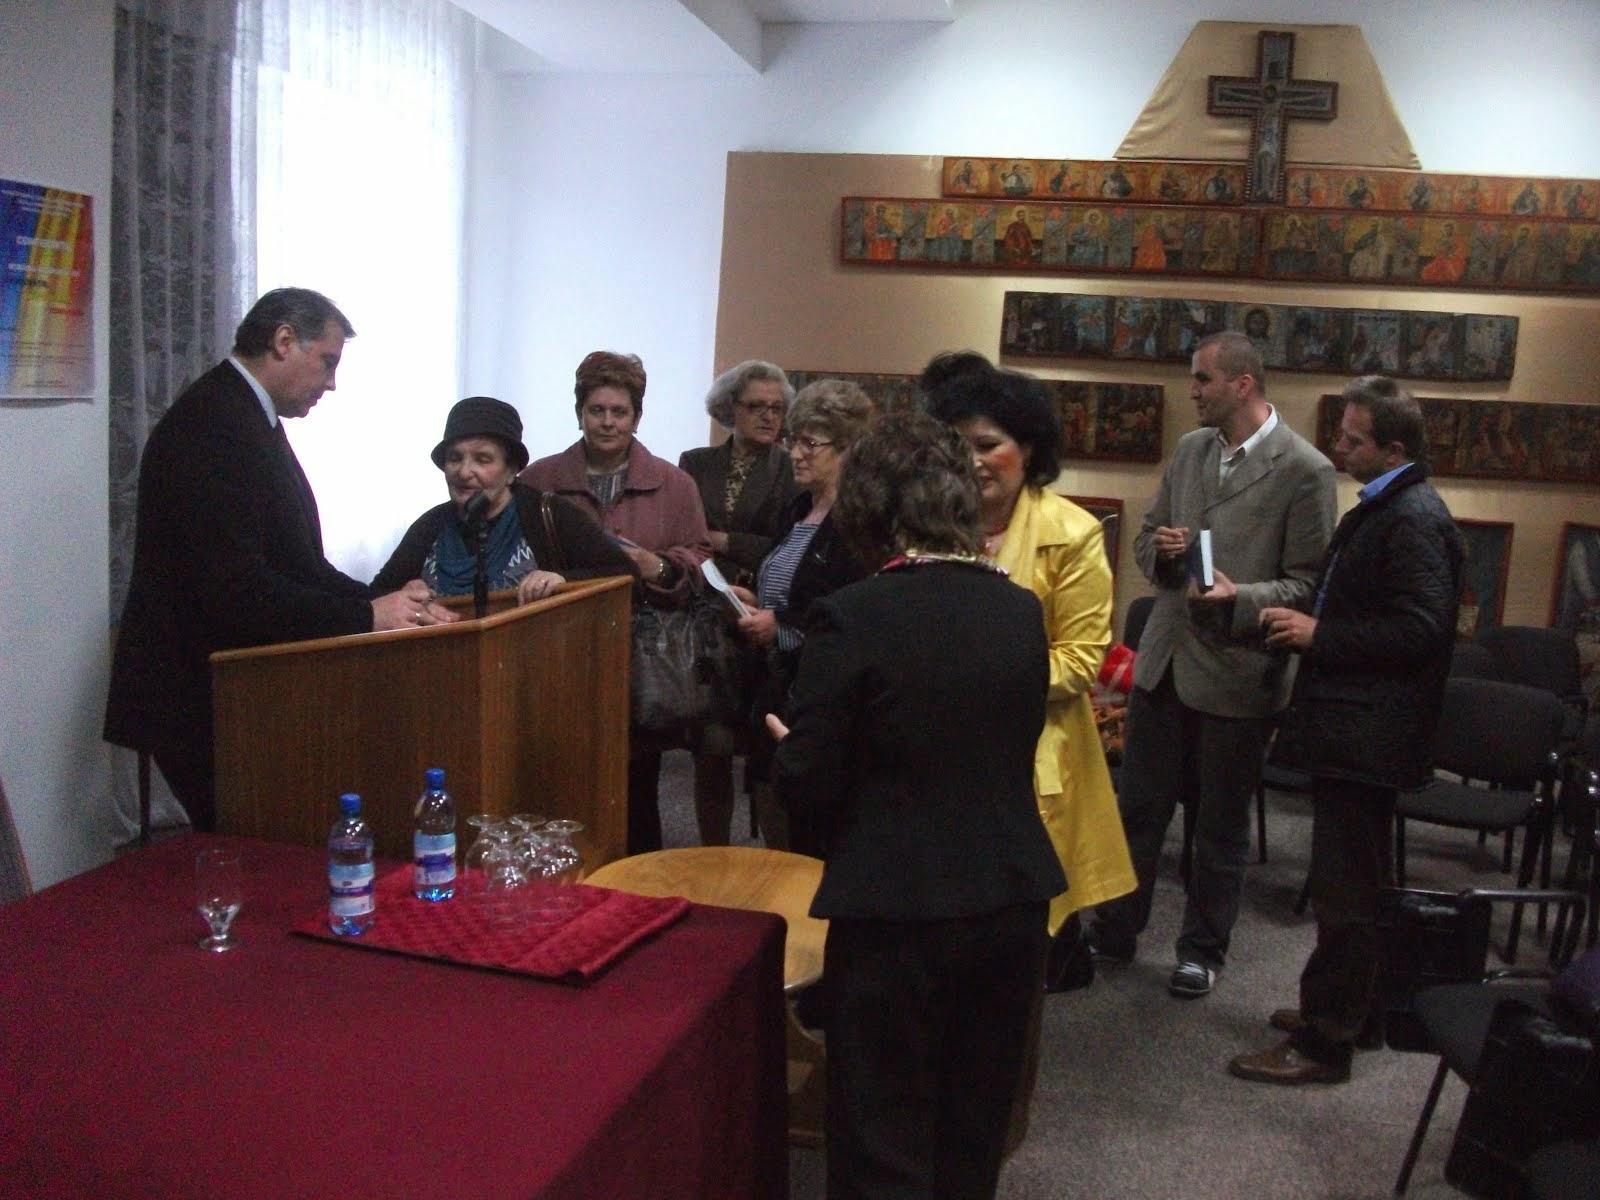 Prof. Univ. Dr. Adrian Cioroianu, sesiune de autografe - Durău,16.05.2014..